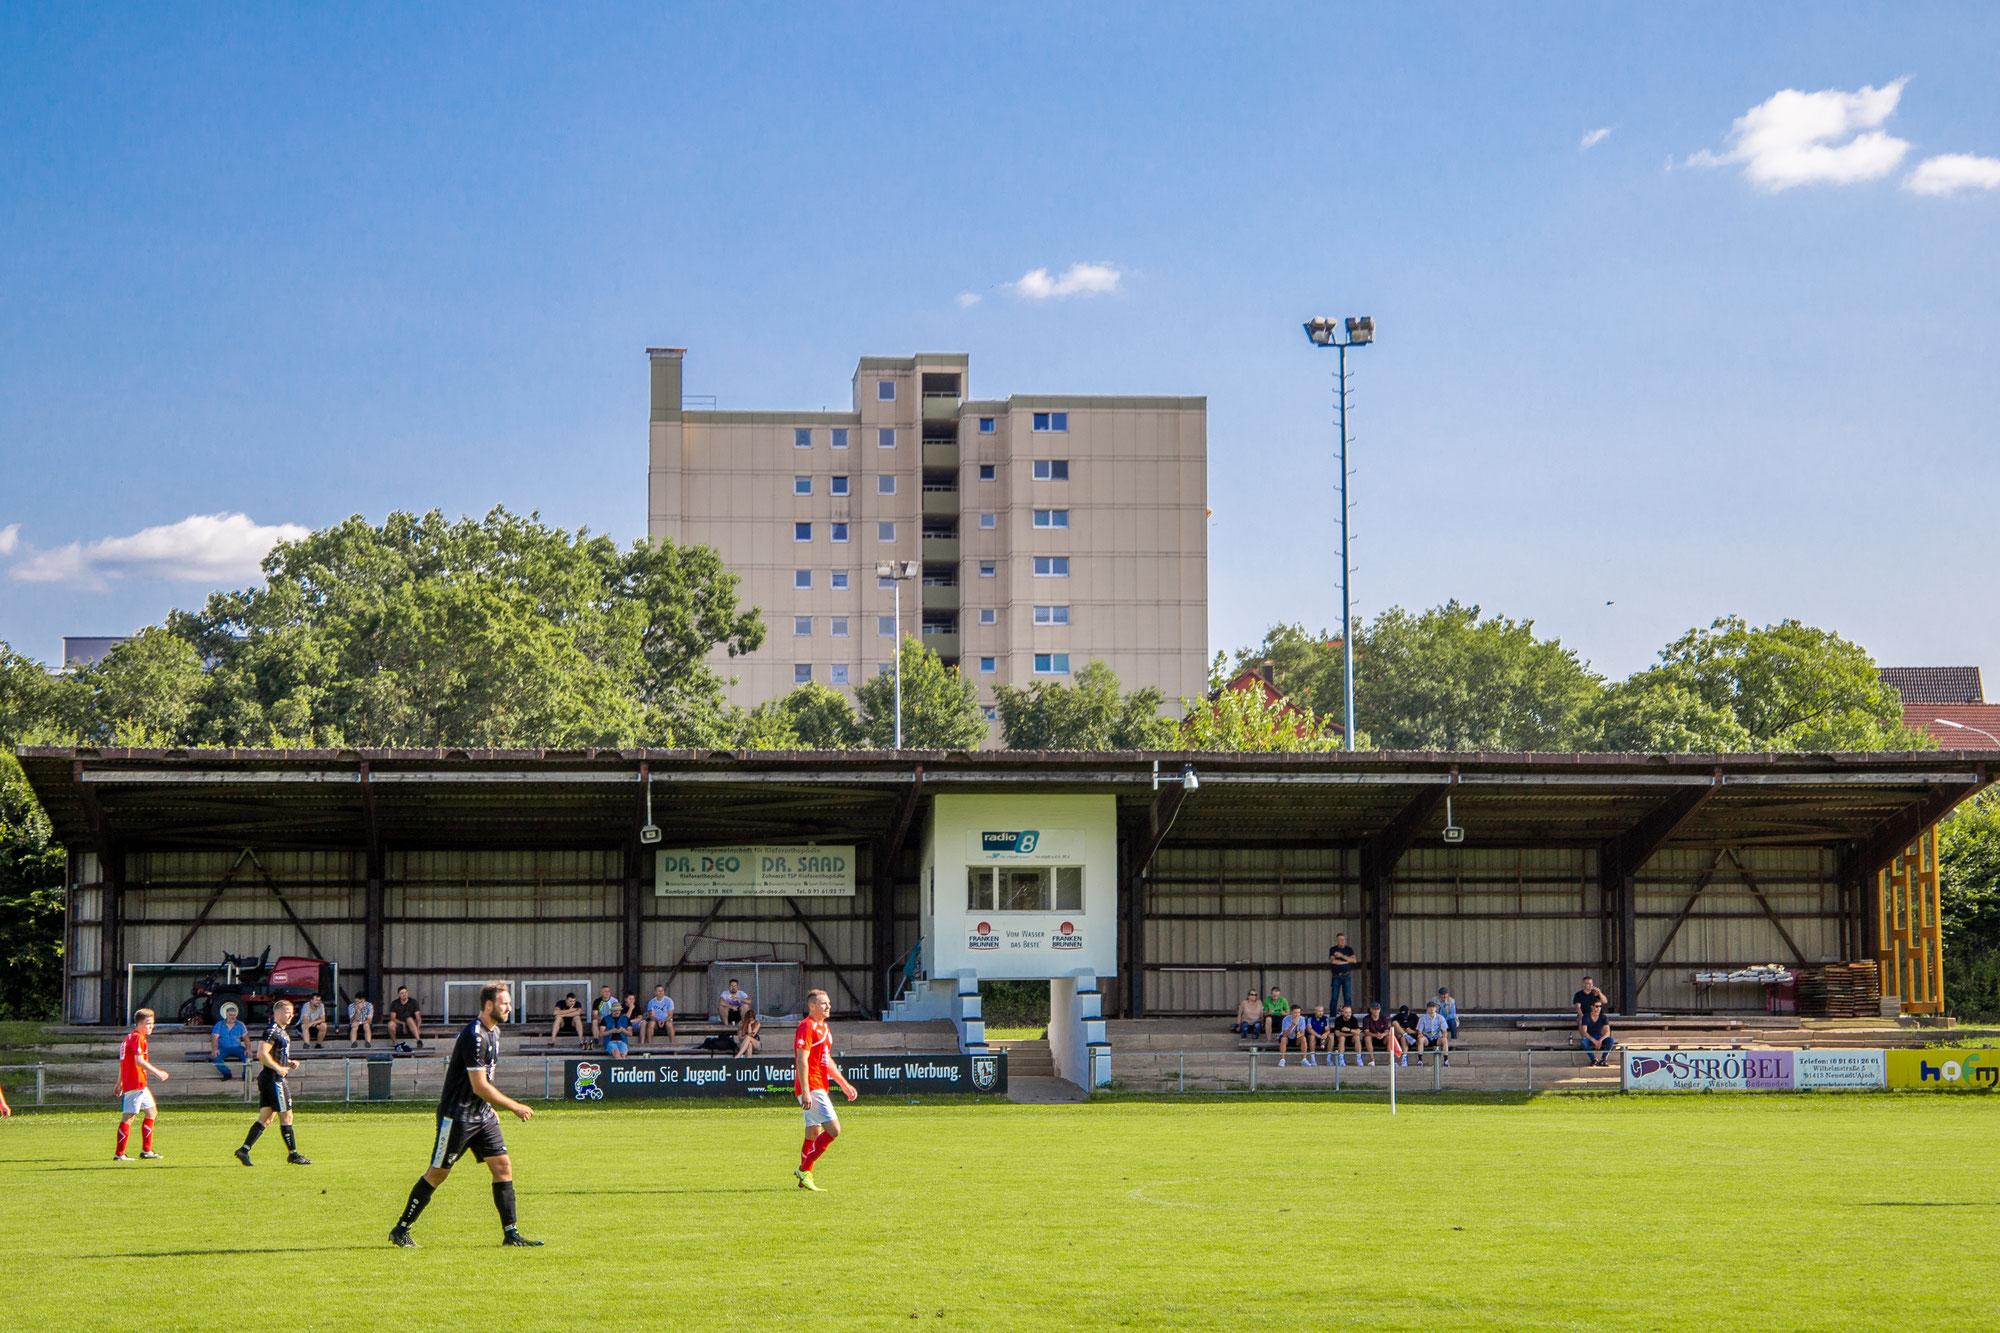 Groundhopping: TSV Franken Neustadt vs. TSV 1860 Markt Erlbach